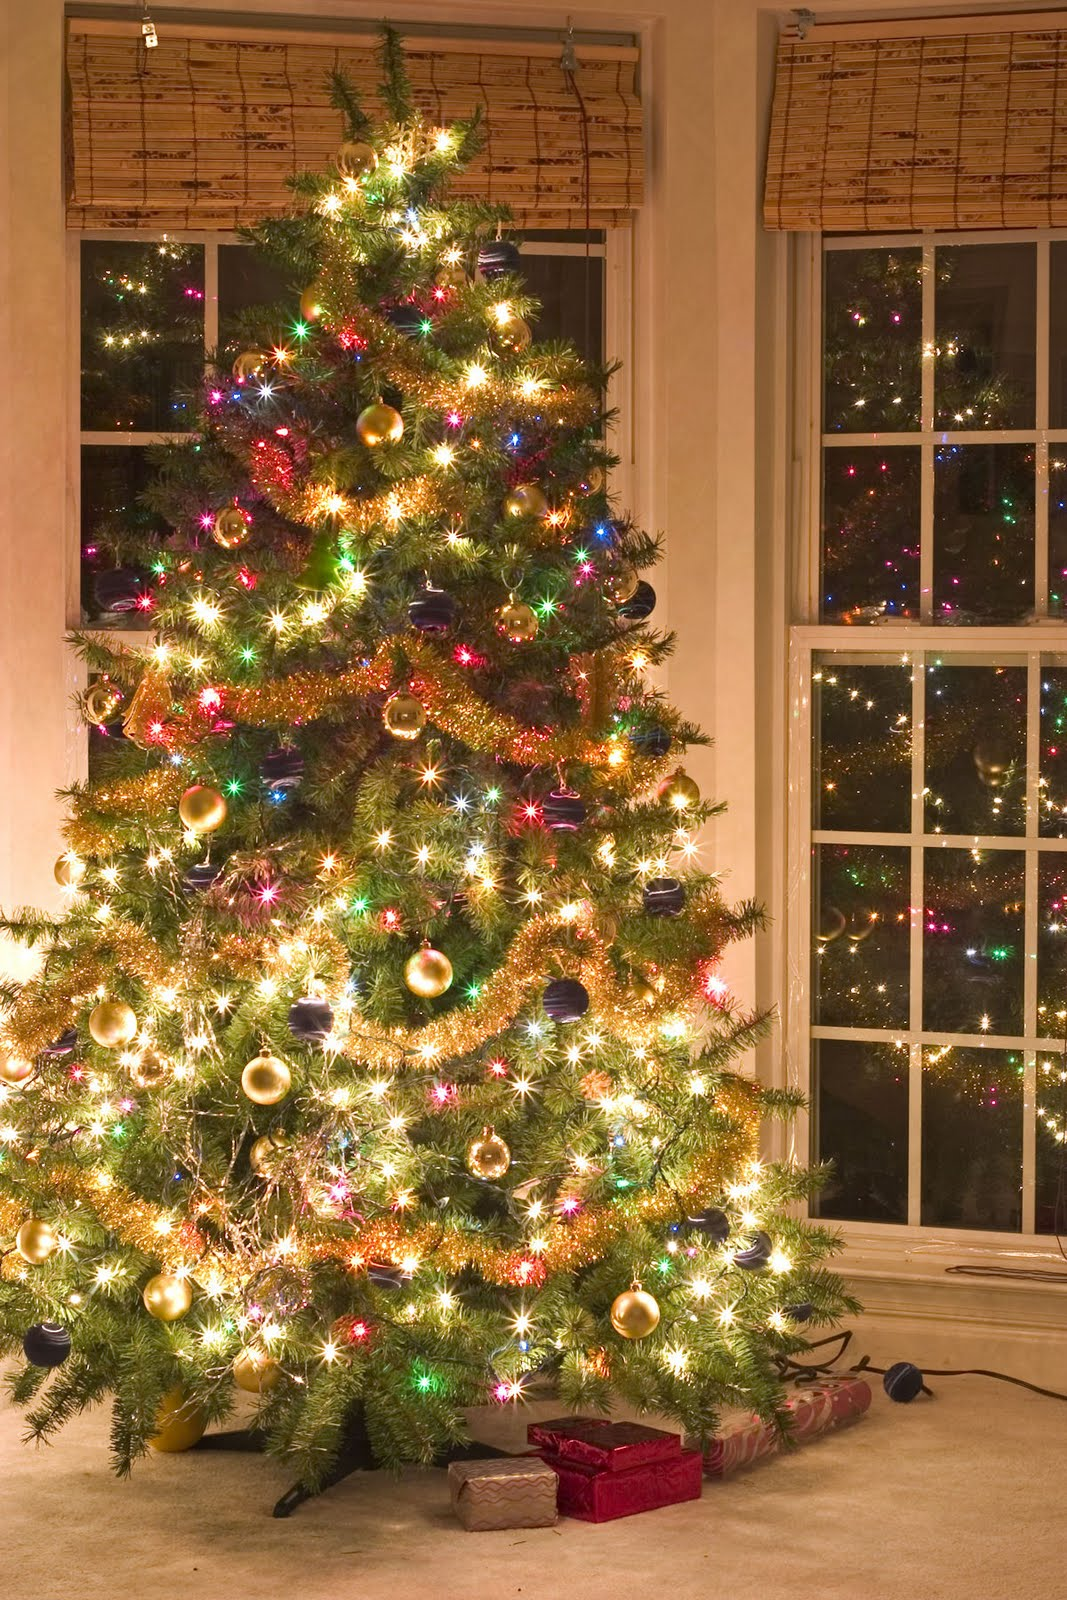 Zoom frases imagenes navidad con arboles wallpapers fondos - Imagenes de arboles navidad decorados ...